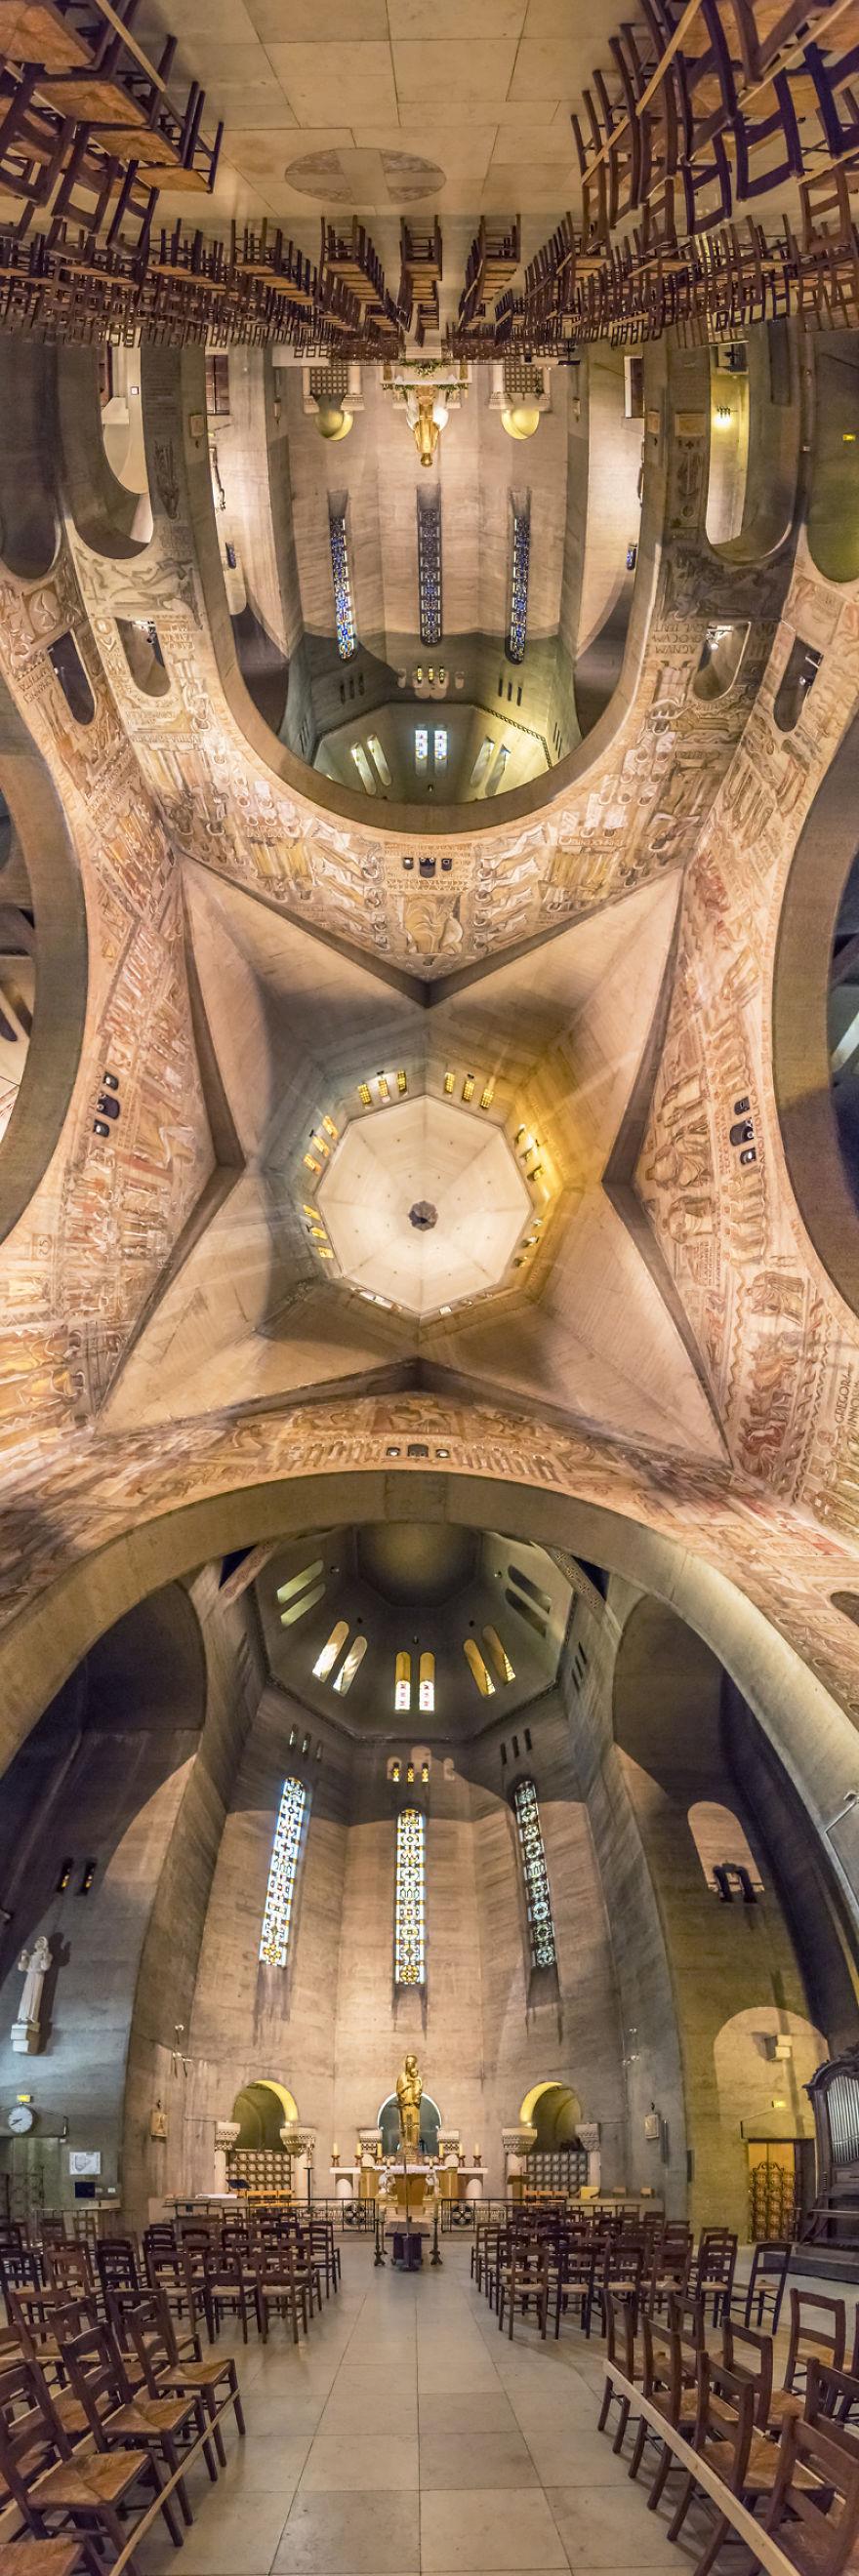 Eglise-Saint-Pierre-de-Chaillot-1-Paris-France-5afb384015990__880